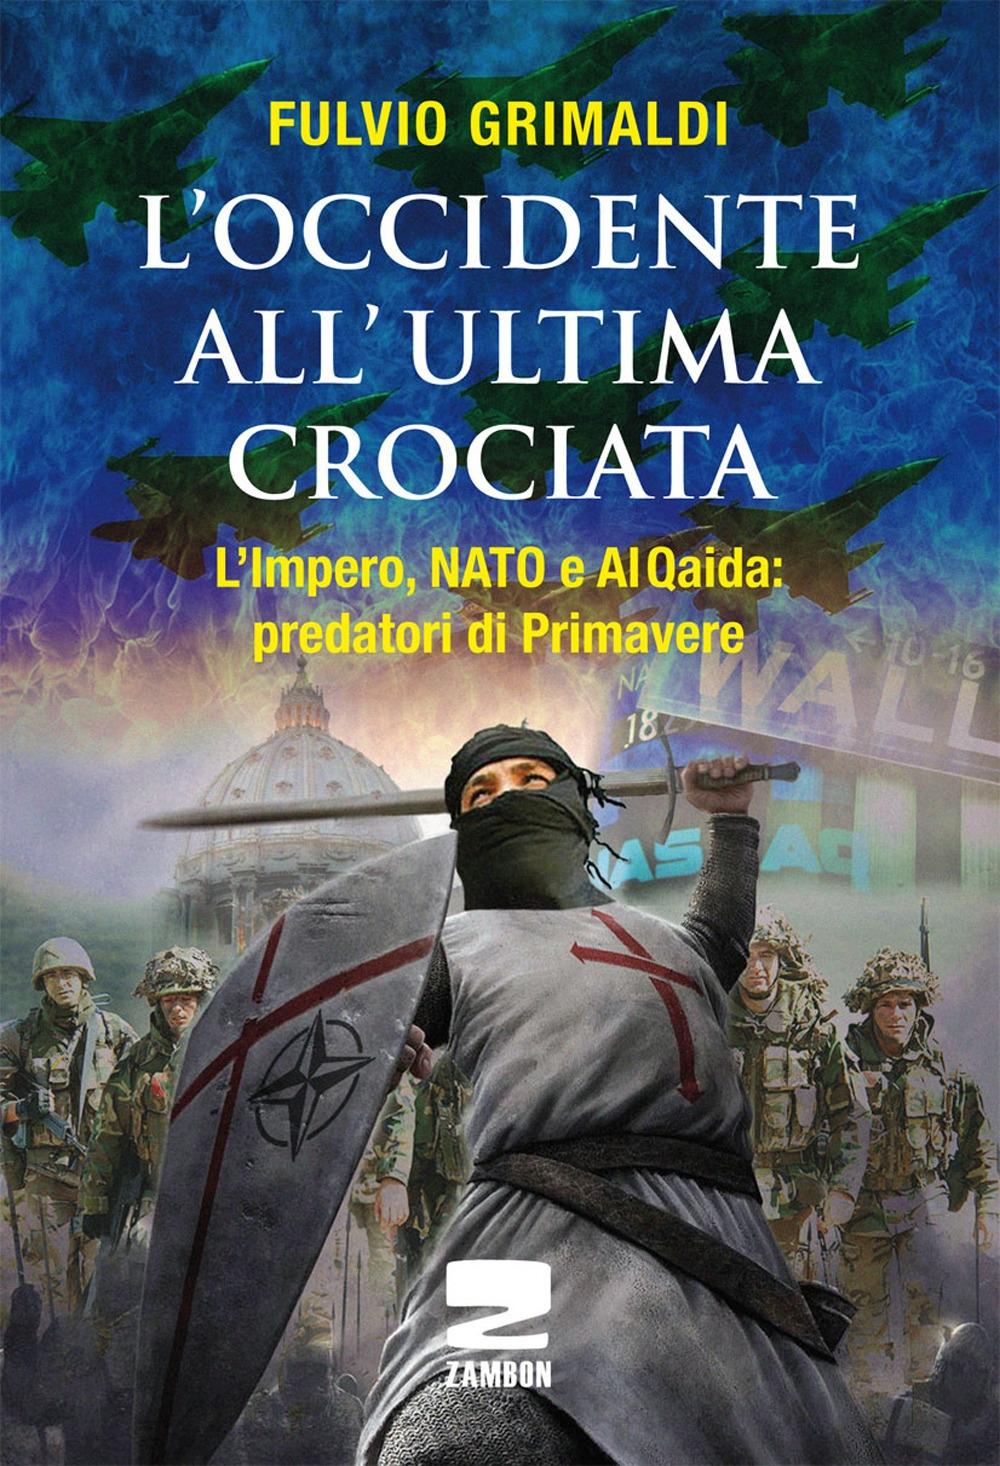 L'Occidente all'ultima crociata. L'impero, NATO e Al Qaida: predatori di primavere